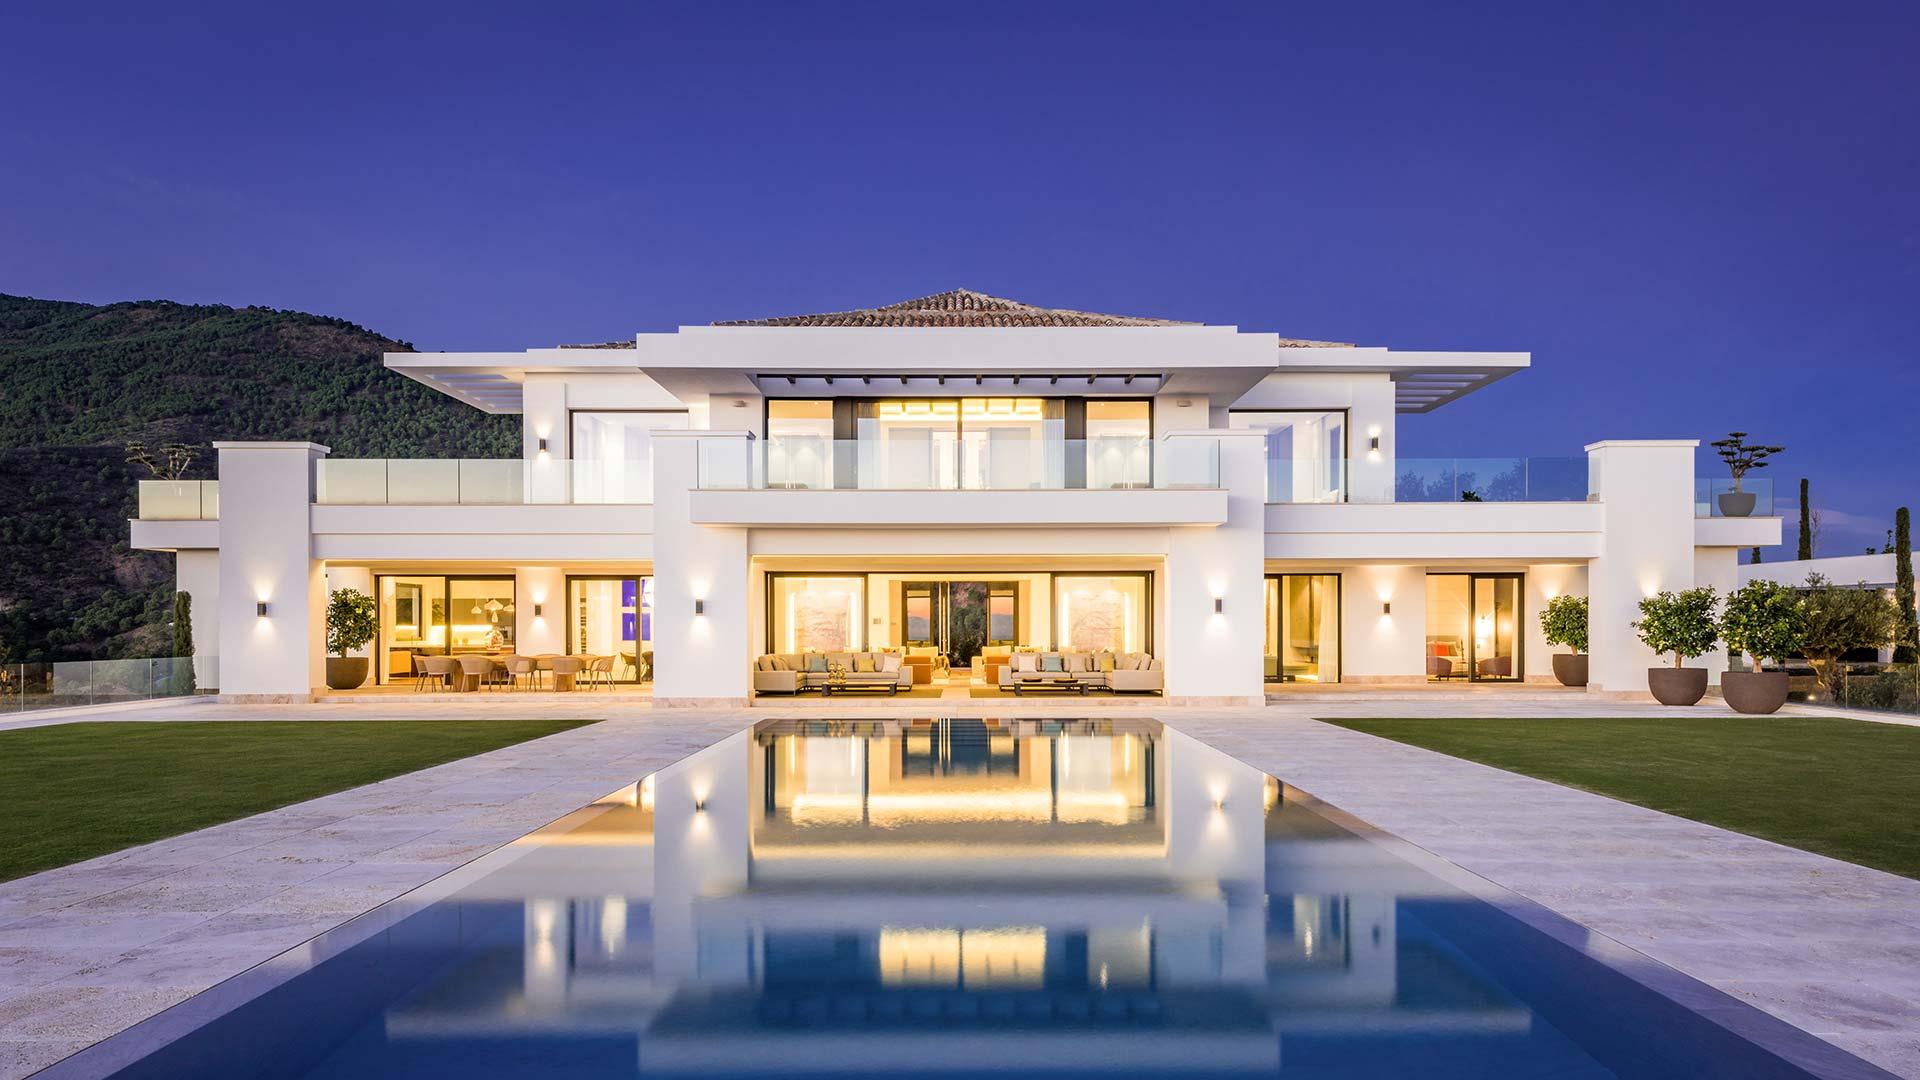 Mansions in La Zagaleta, Benahavis-Marbella